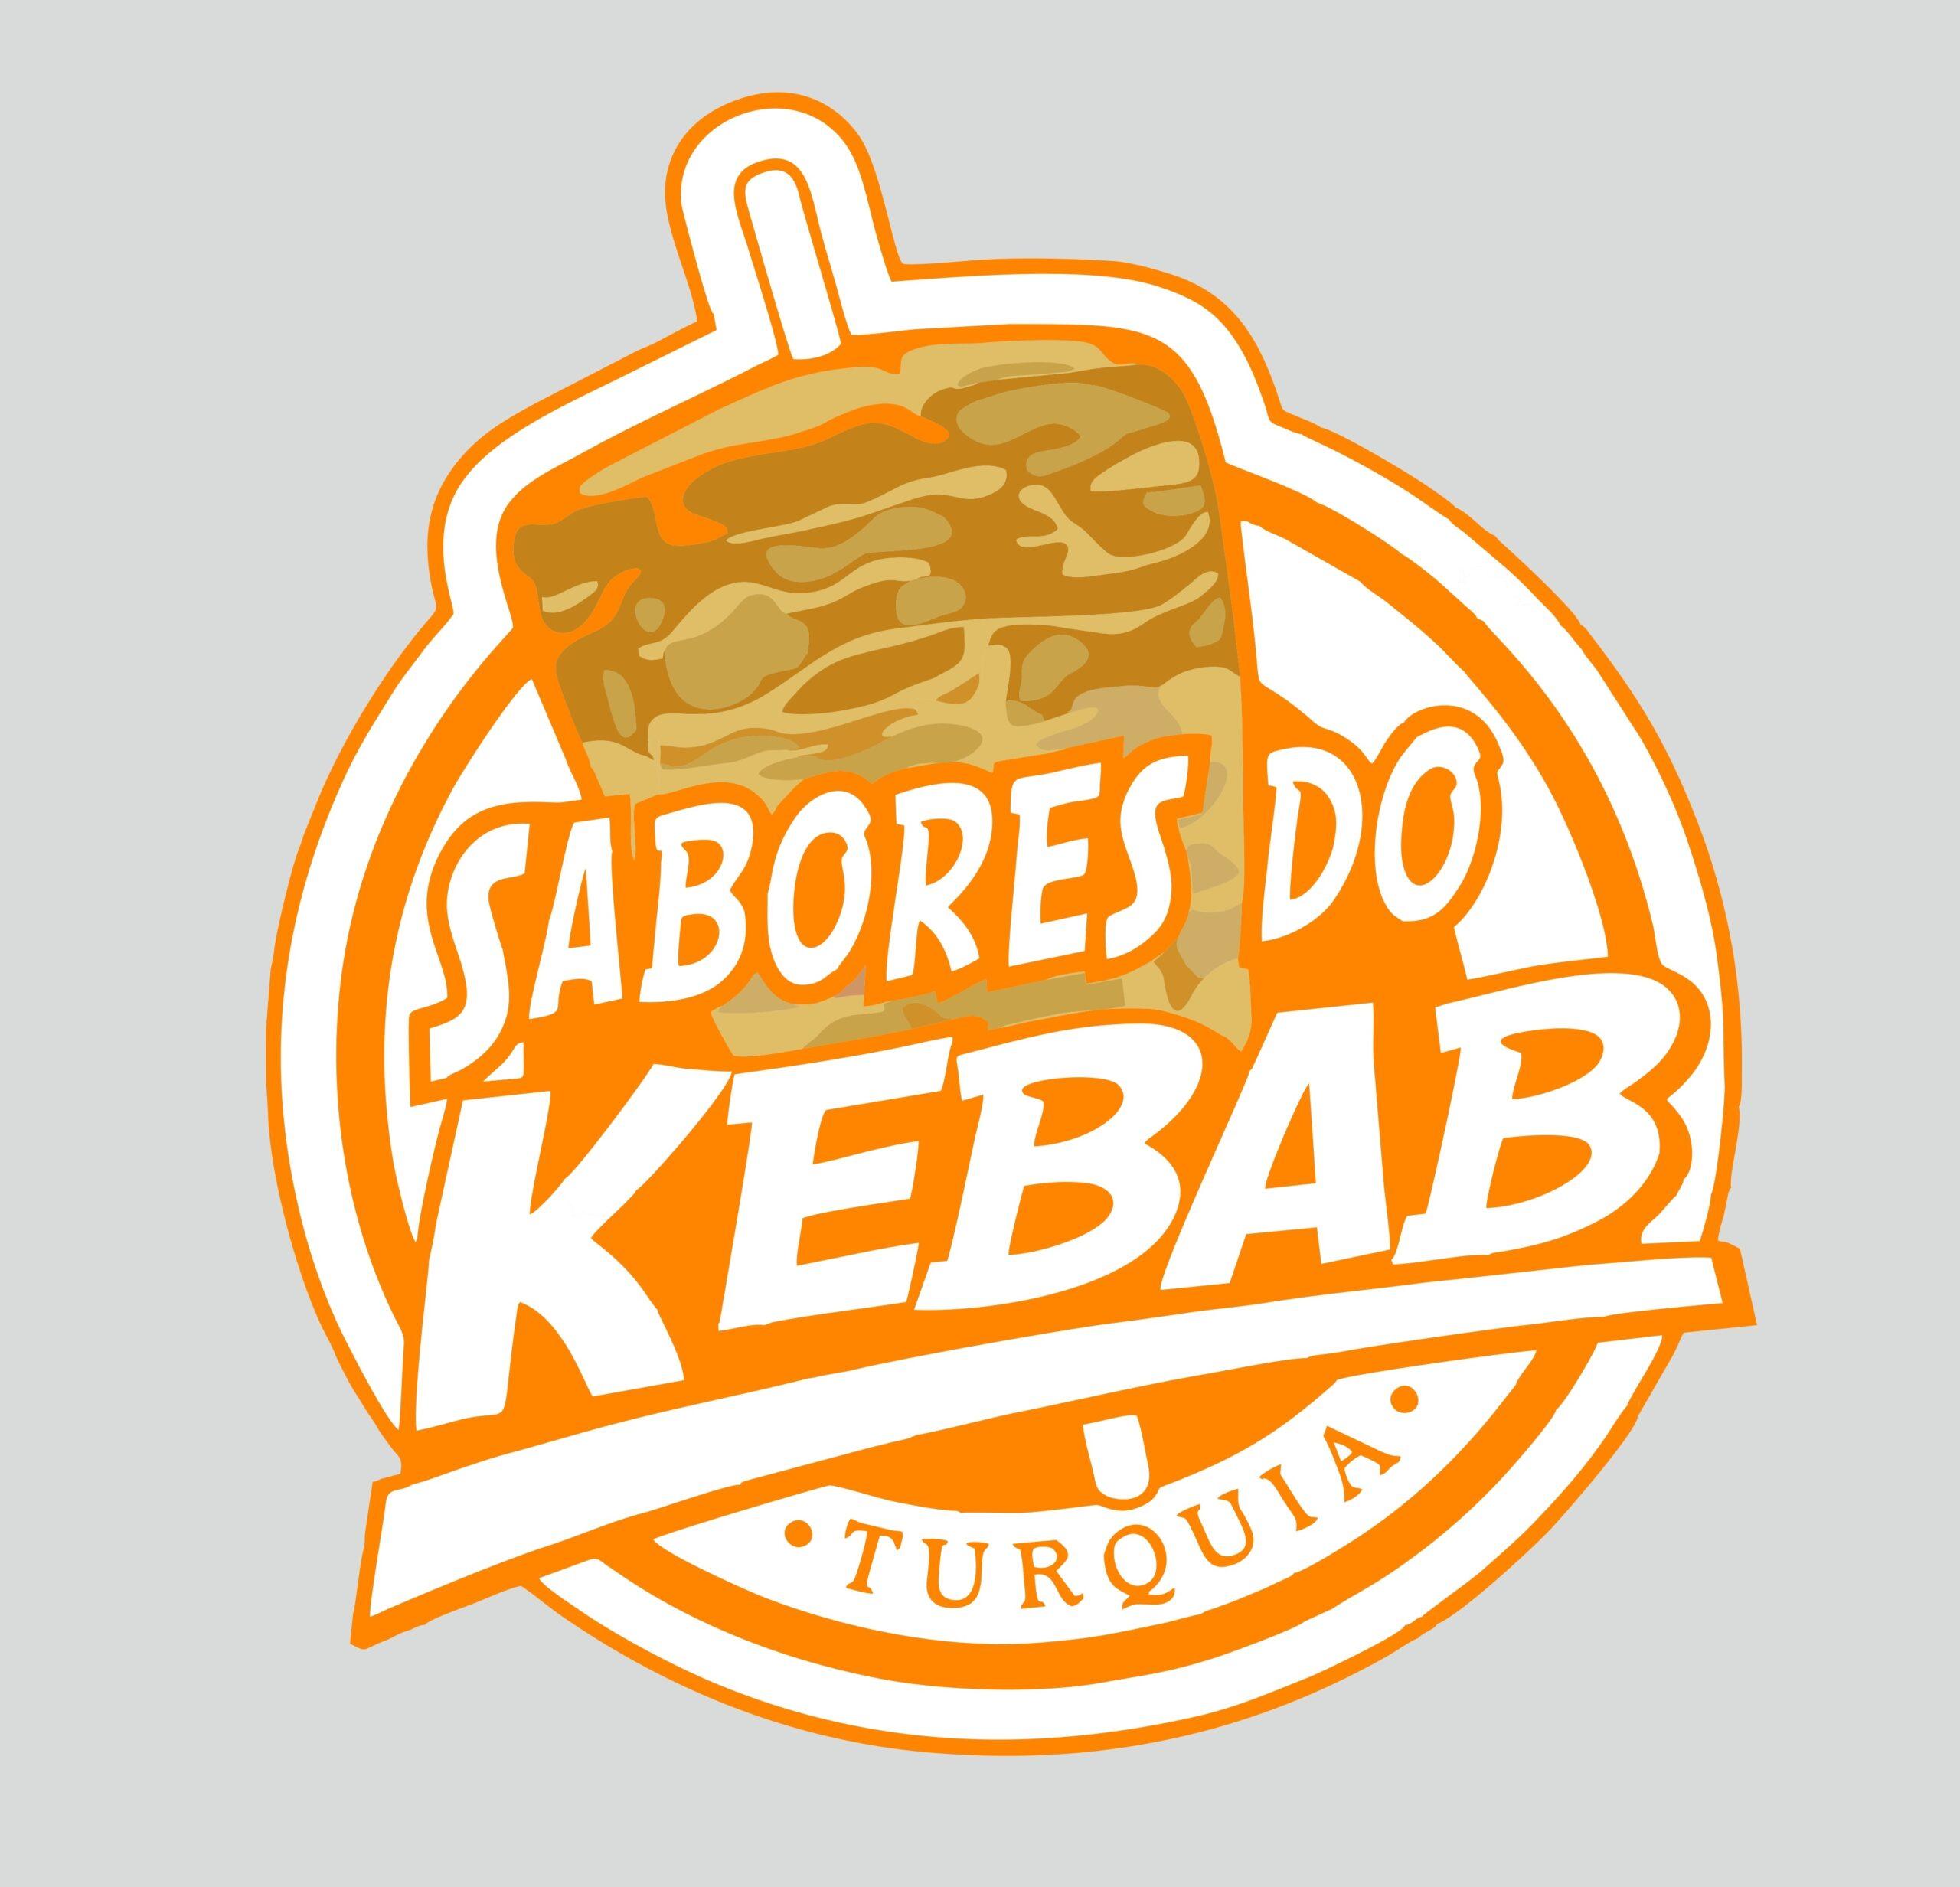 Sabores do Kebab